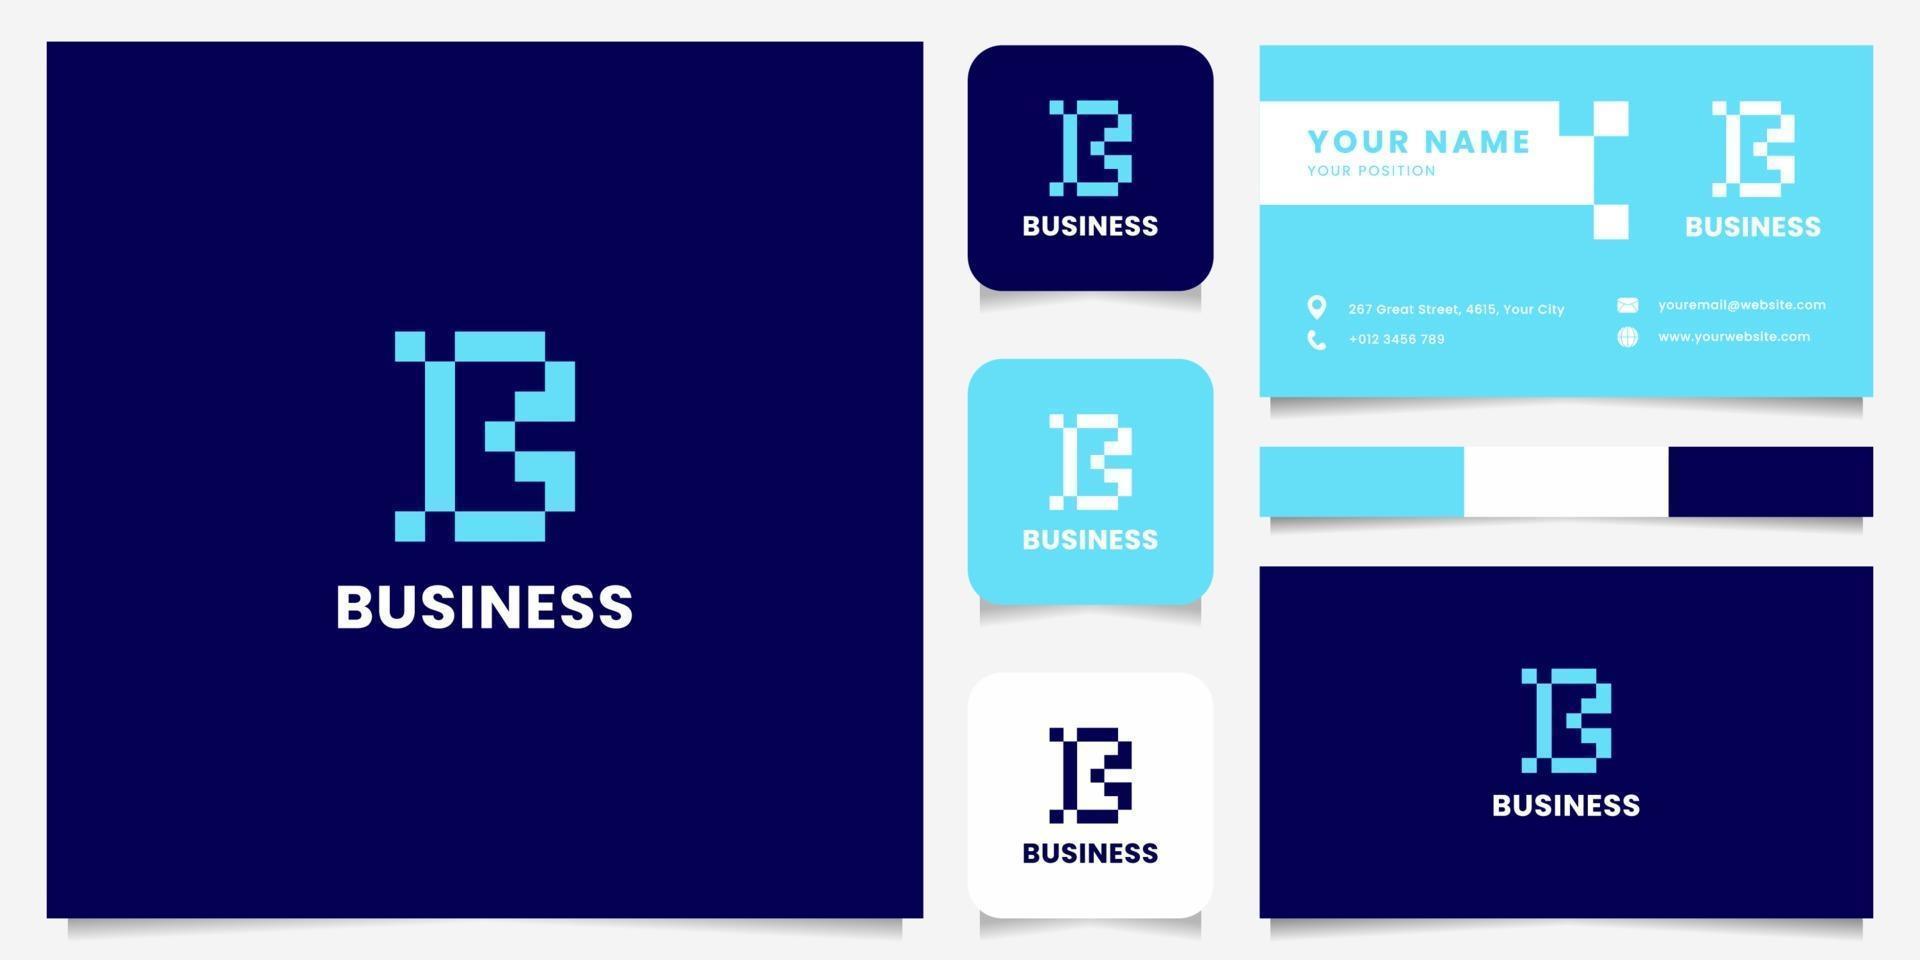 einfaches und minimalistisches blaues Pixelbuchstaben-B-Logo mit Visitenkartenschablone vektor